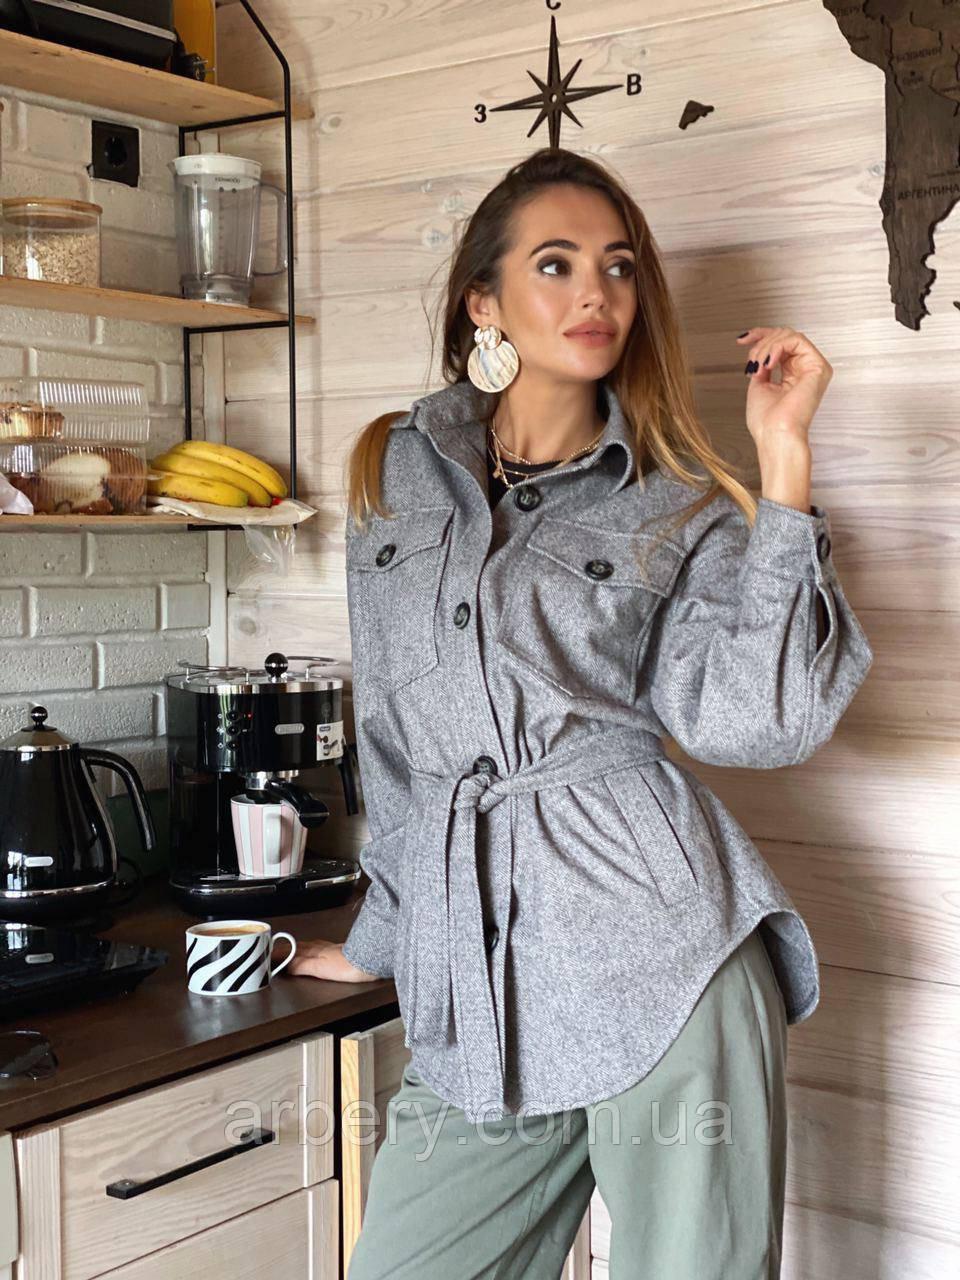 Объёмная теплая  куртка-рубашка с карманами